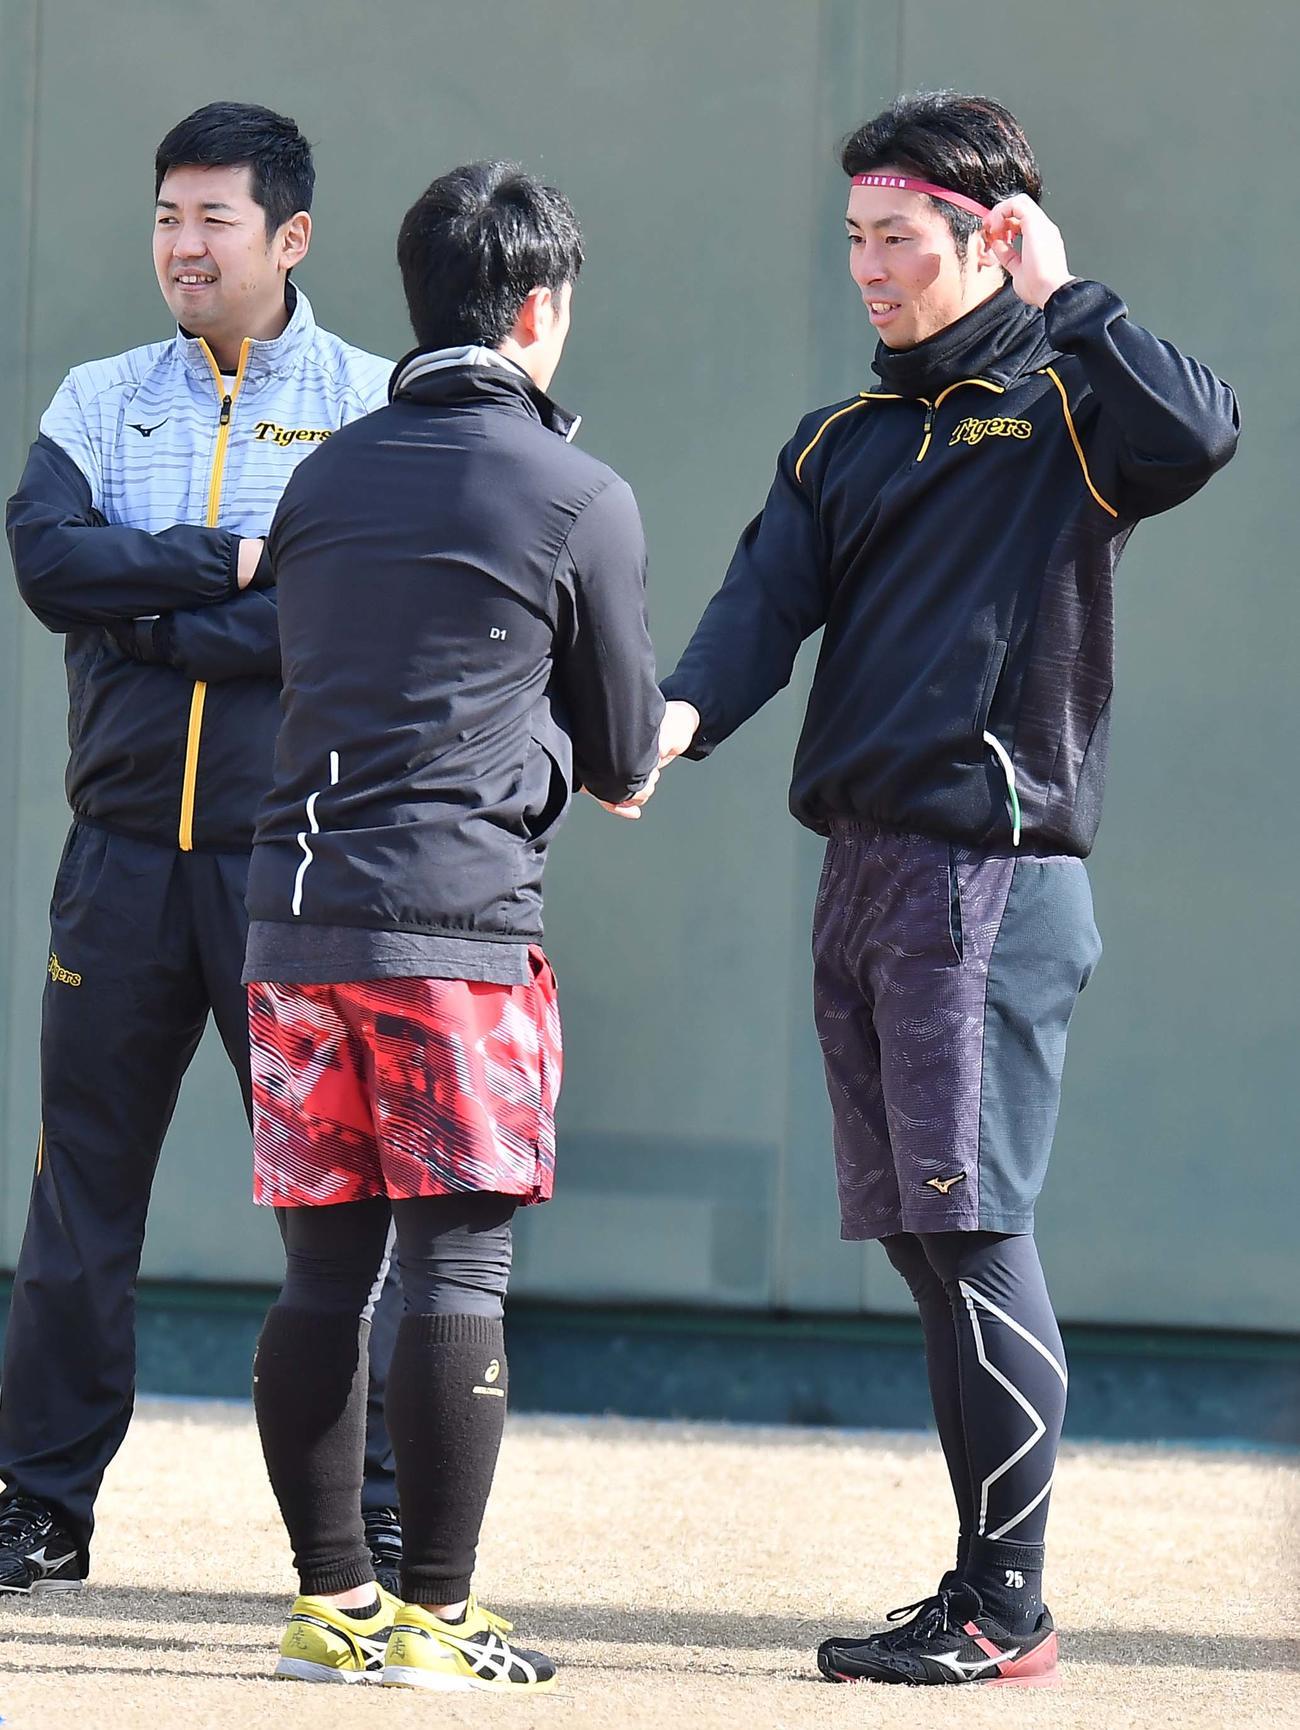 鳴尾浜で自主トレする江越(右)は近本と握手を交わす(撮影・上田博志)